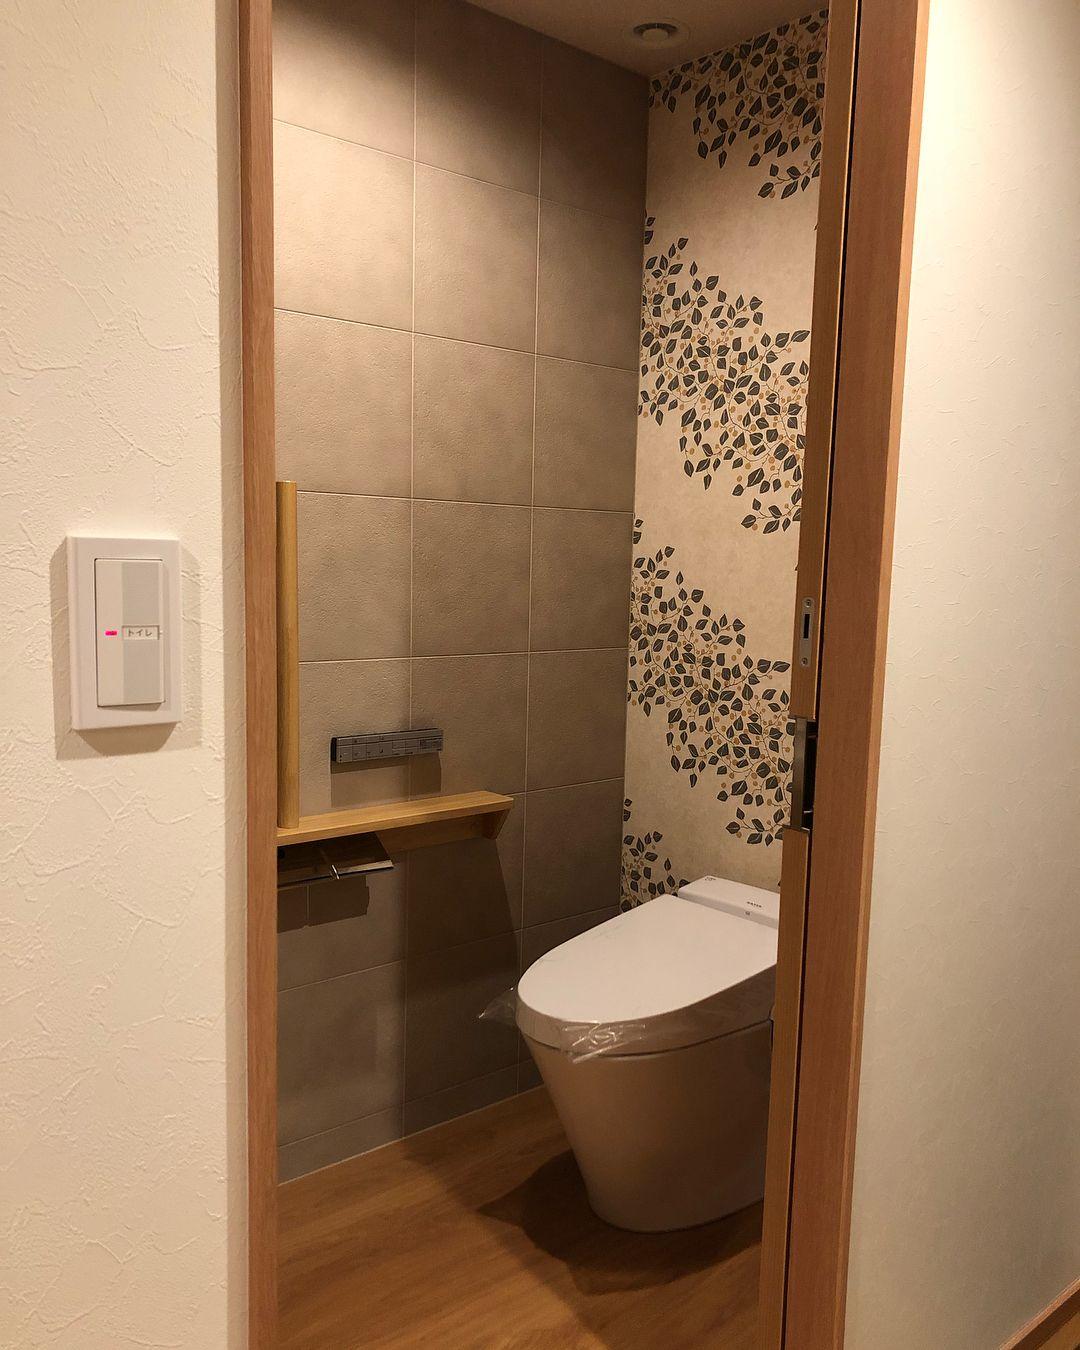 Myforestさんはinstagramを利用しています 夜のトイレ マイホーム